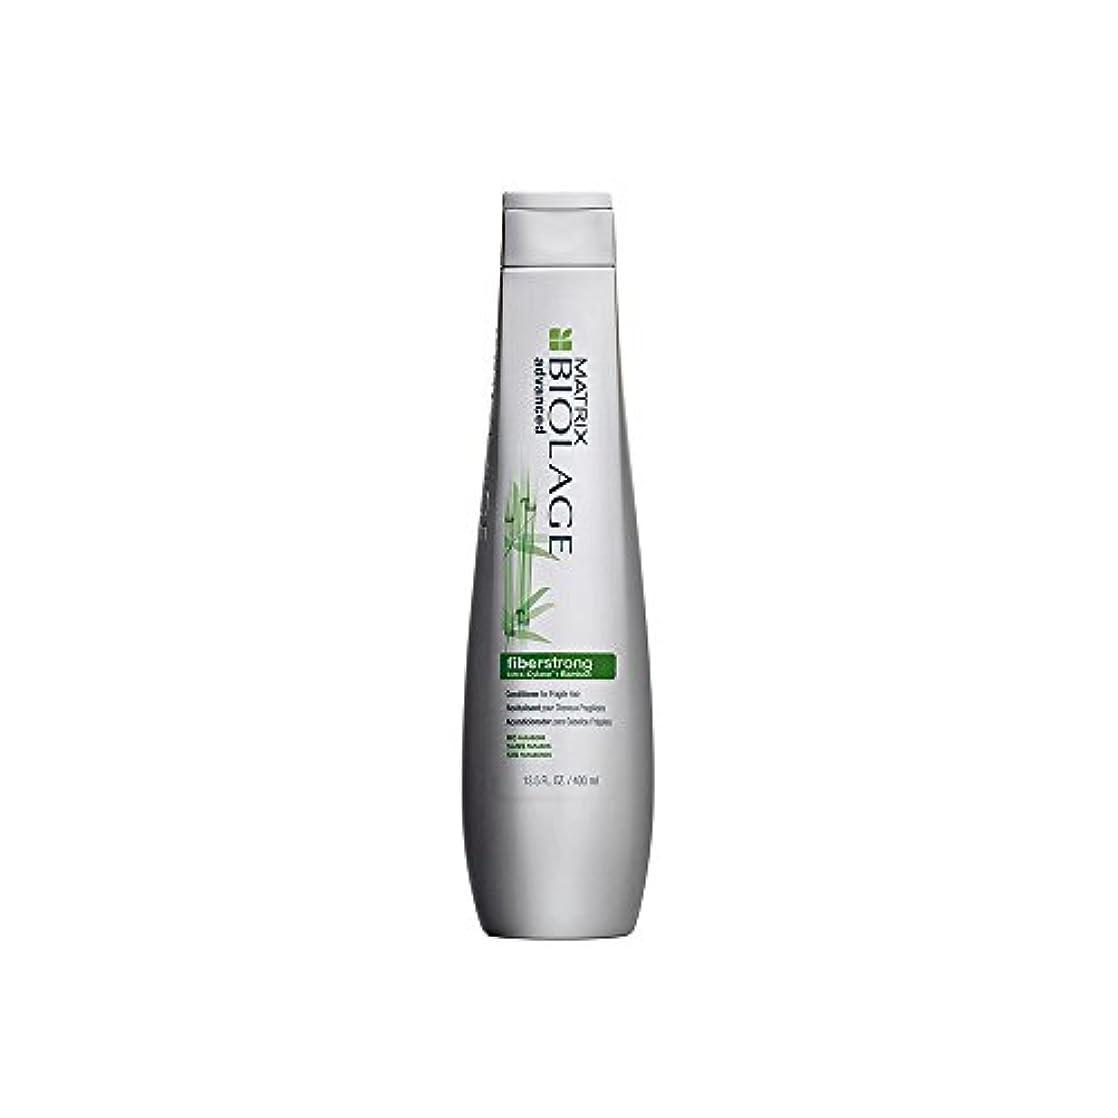 ひいきにする拒絶する競うマトリックス Biolage Advanced FiberStrong Conditioner (For Fragile Hair) 1732272 400ml [海外直送品]